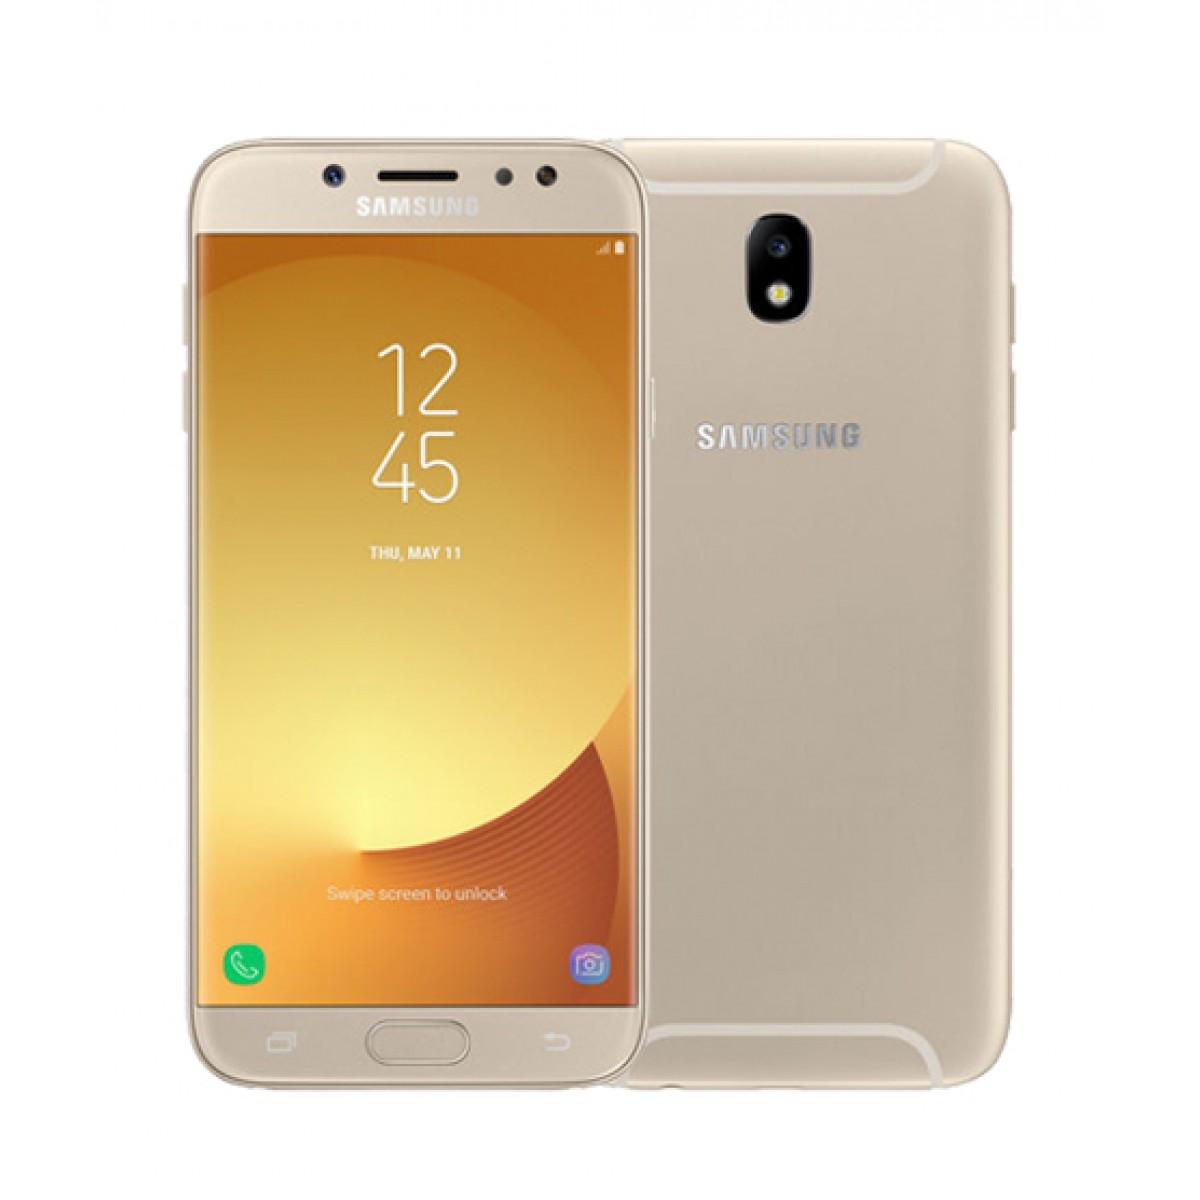 Chụp ảnh màn hình j7 - Samsung Galaxy J7